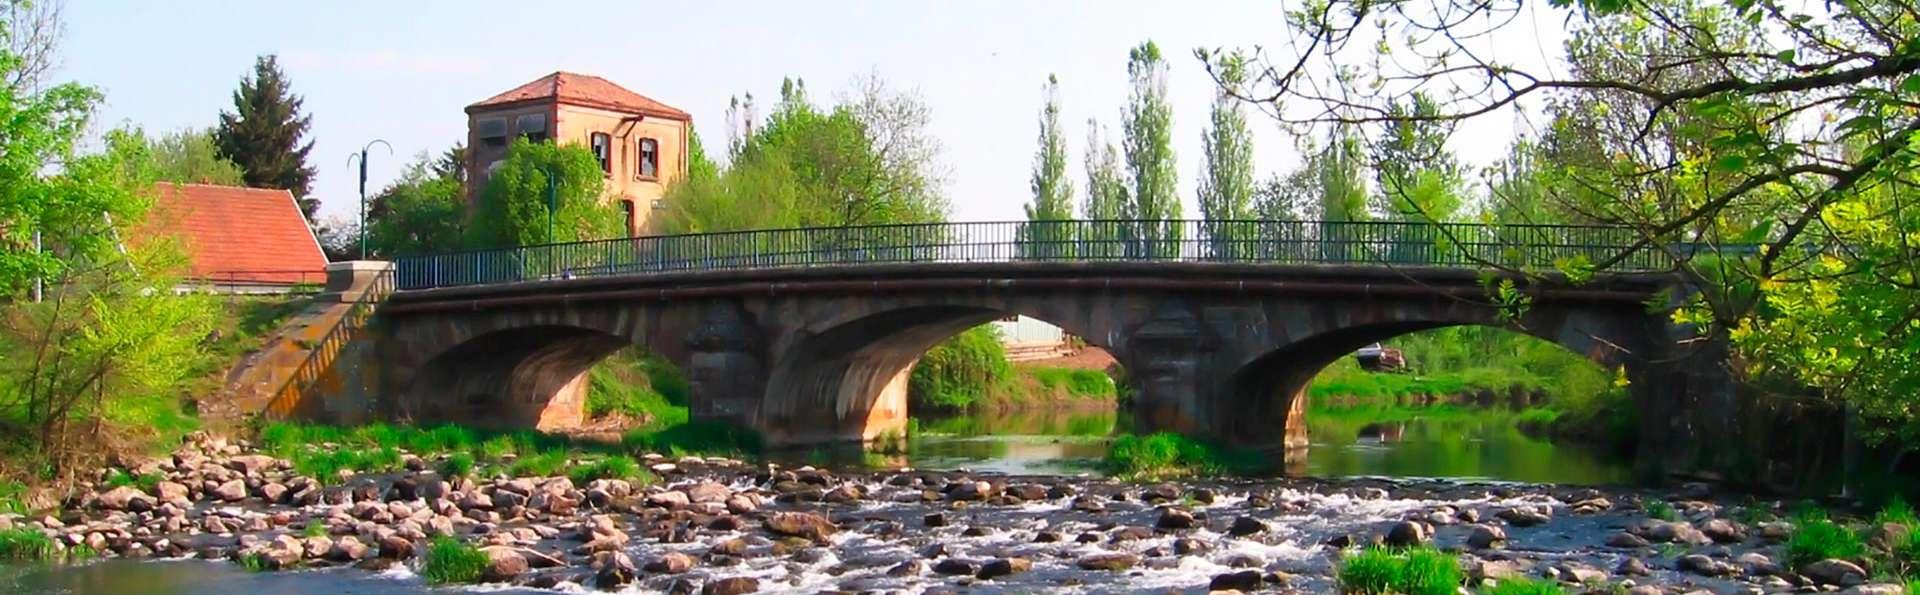 Cerise Luxeuil - Les Sources - EDIT_destination.jpg